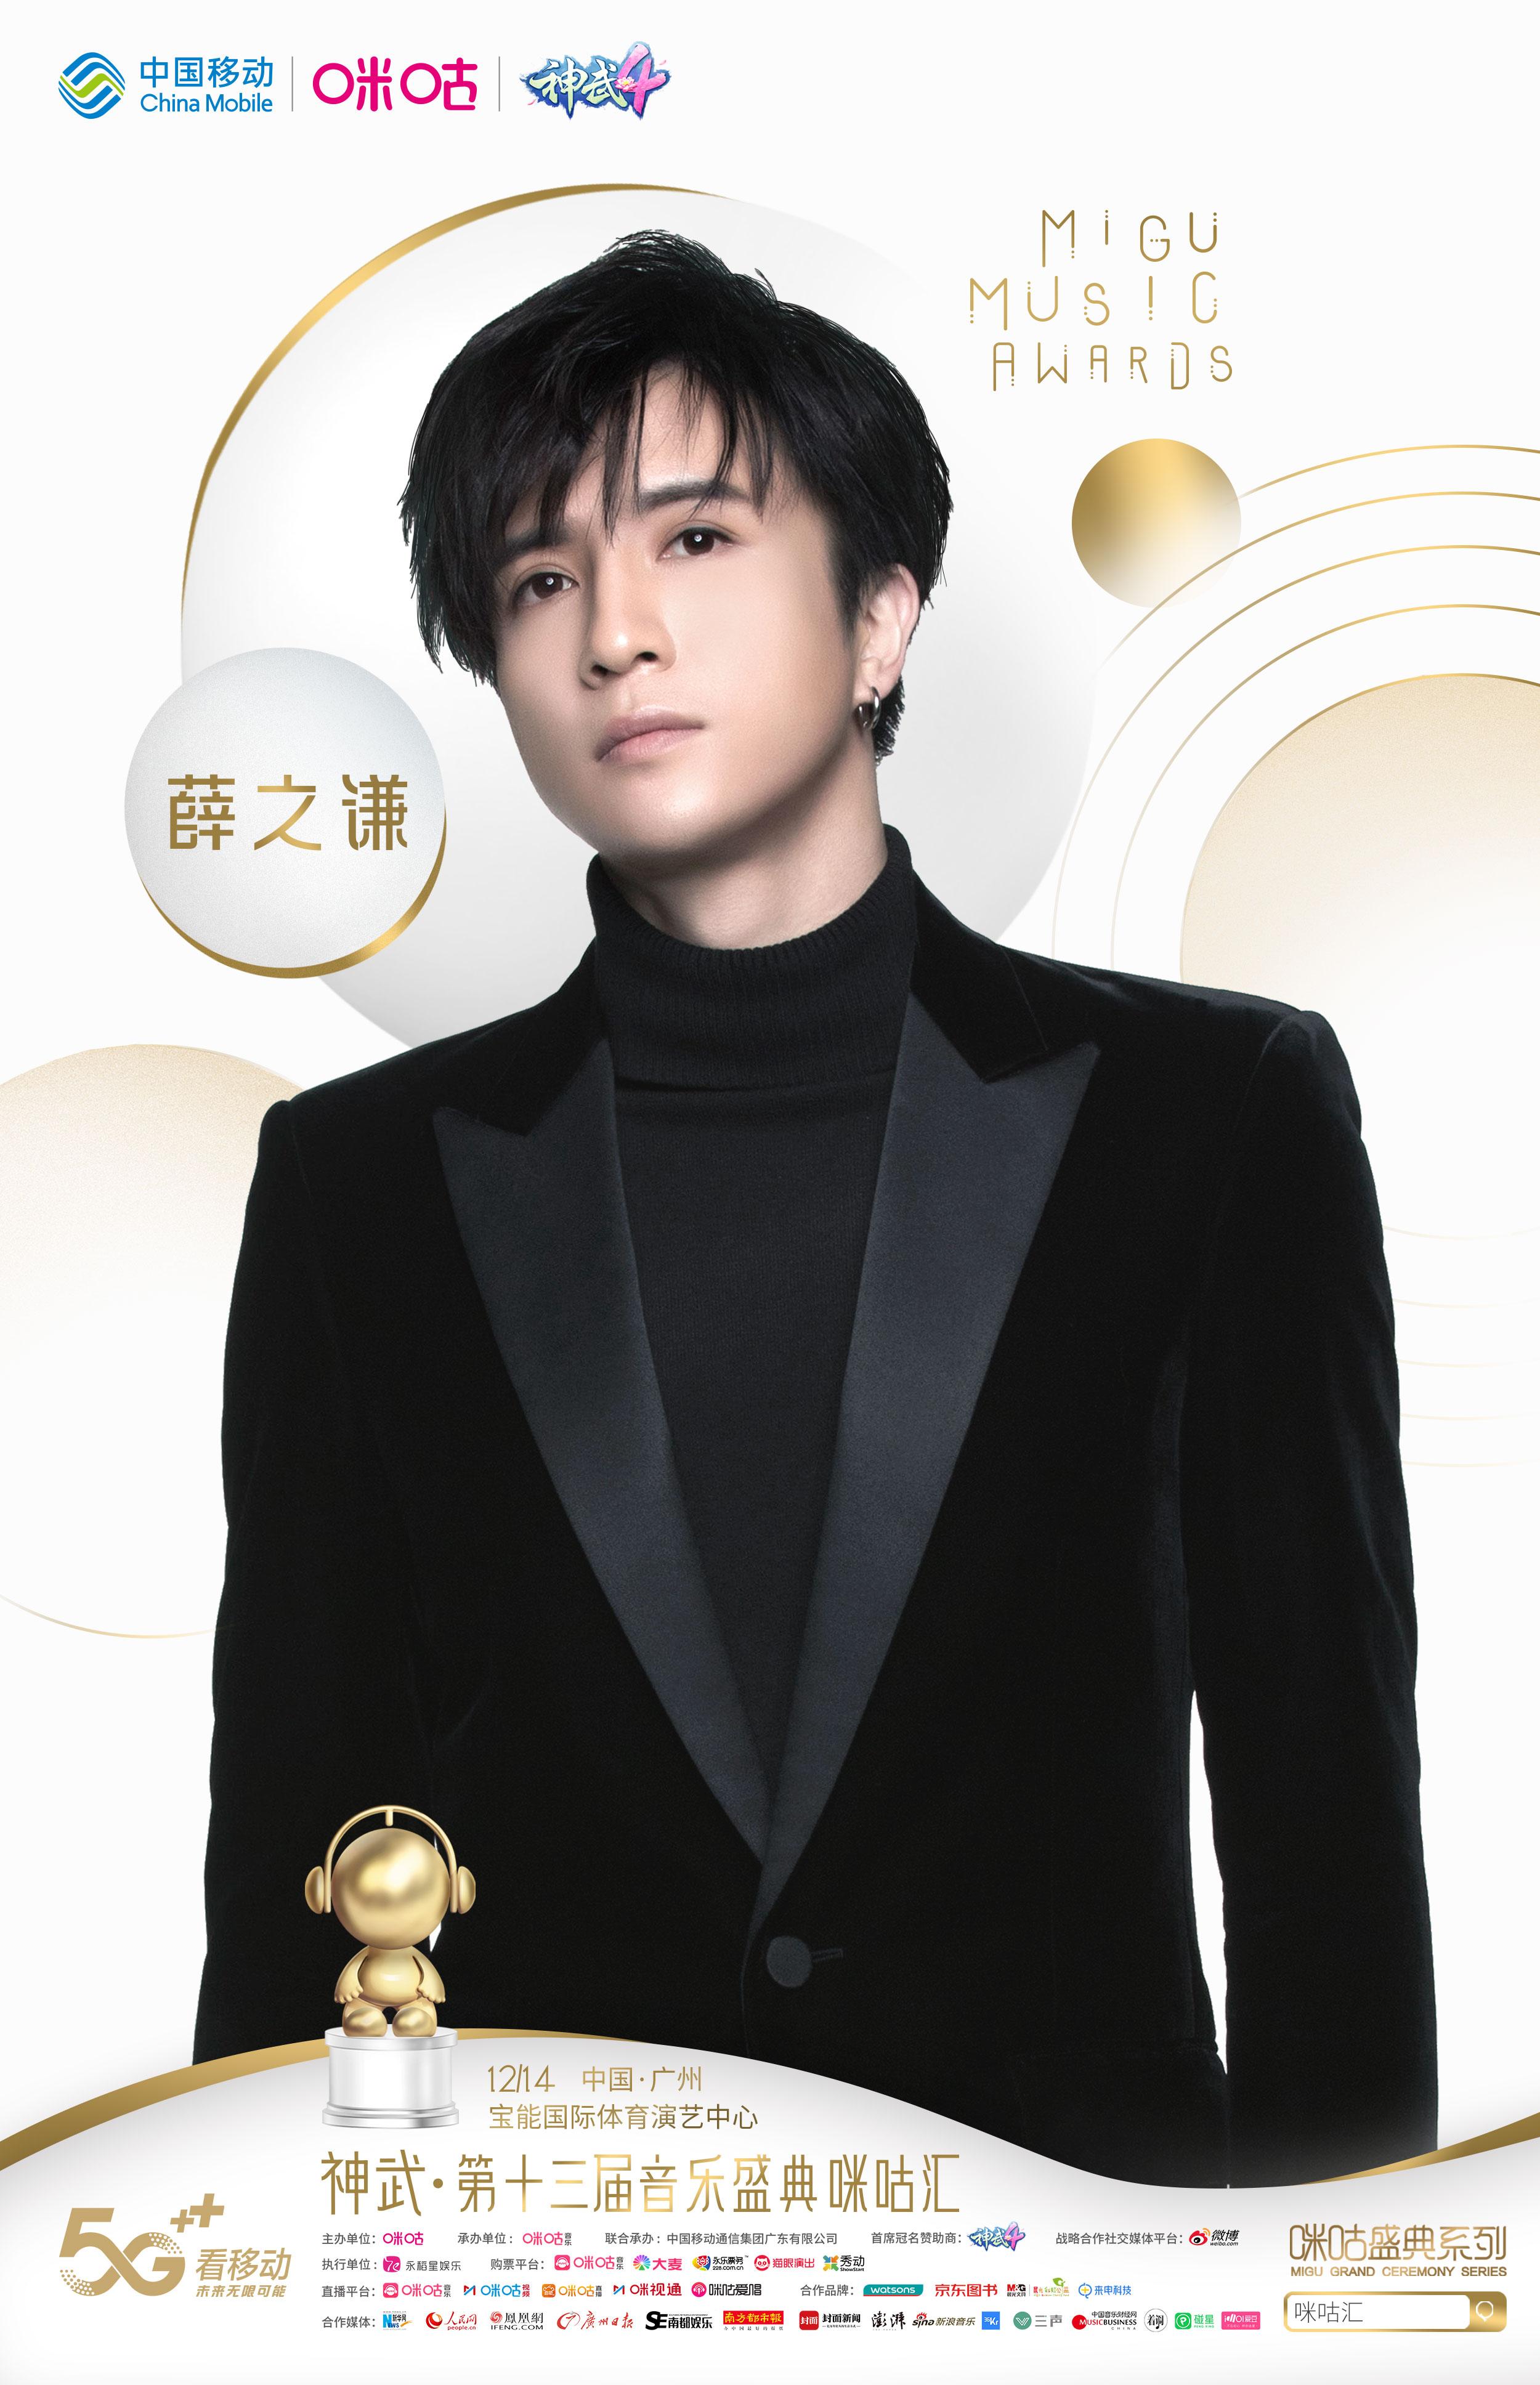 薛之谦将出席全球首场5G+全场景沉浸式音乐盛典咪咕汇